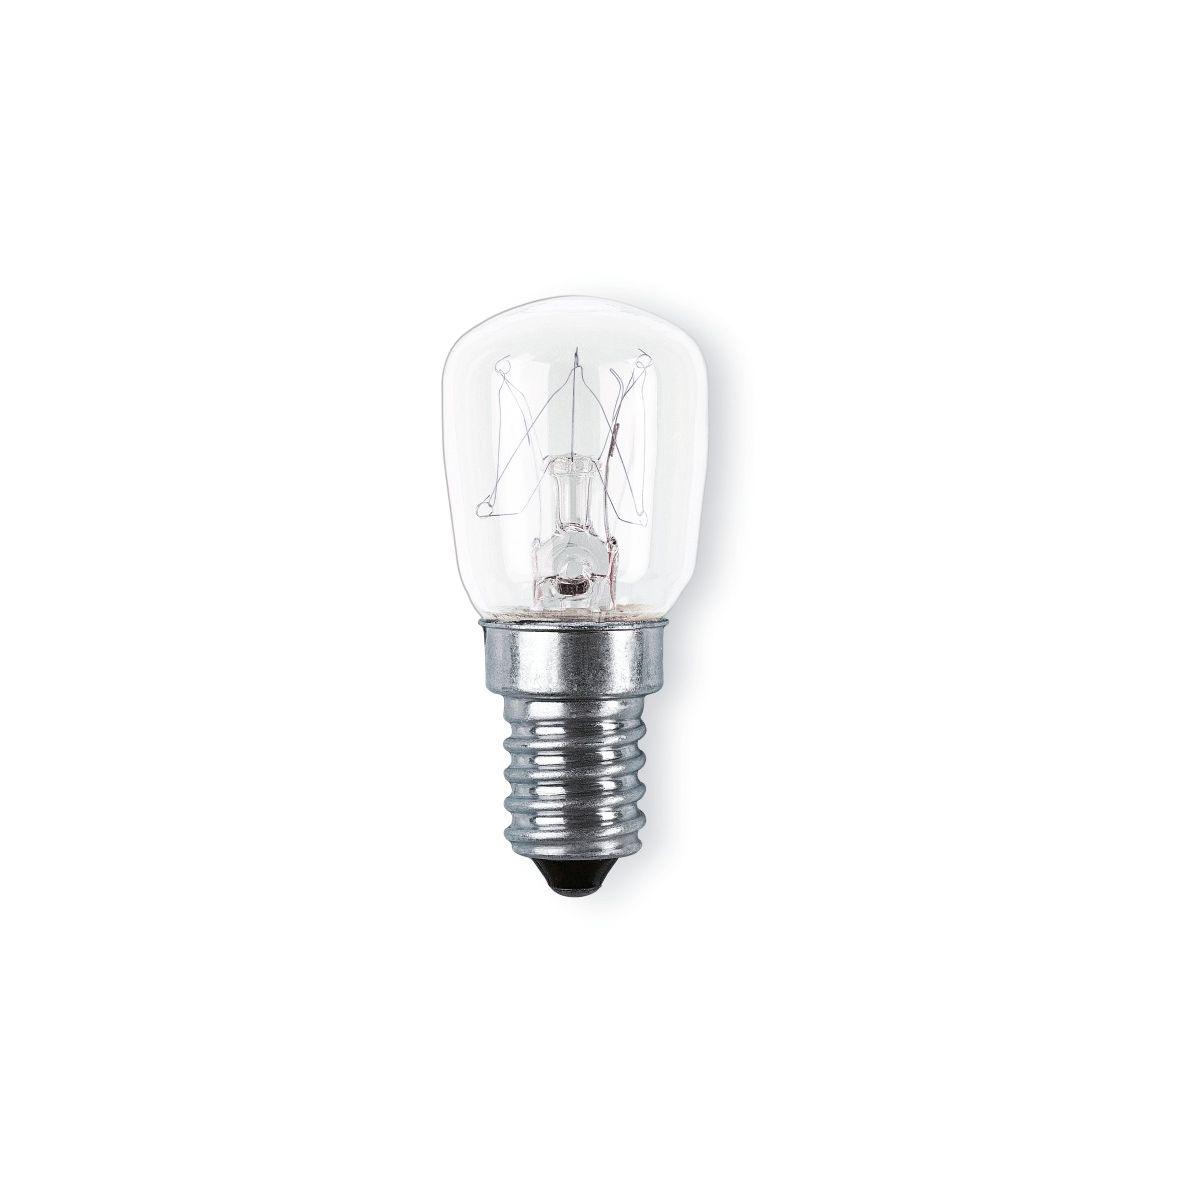 Ampoule XAVAX pour frigo E14 15W (photo)